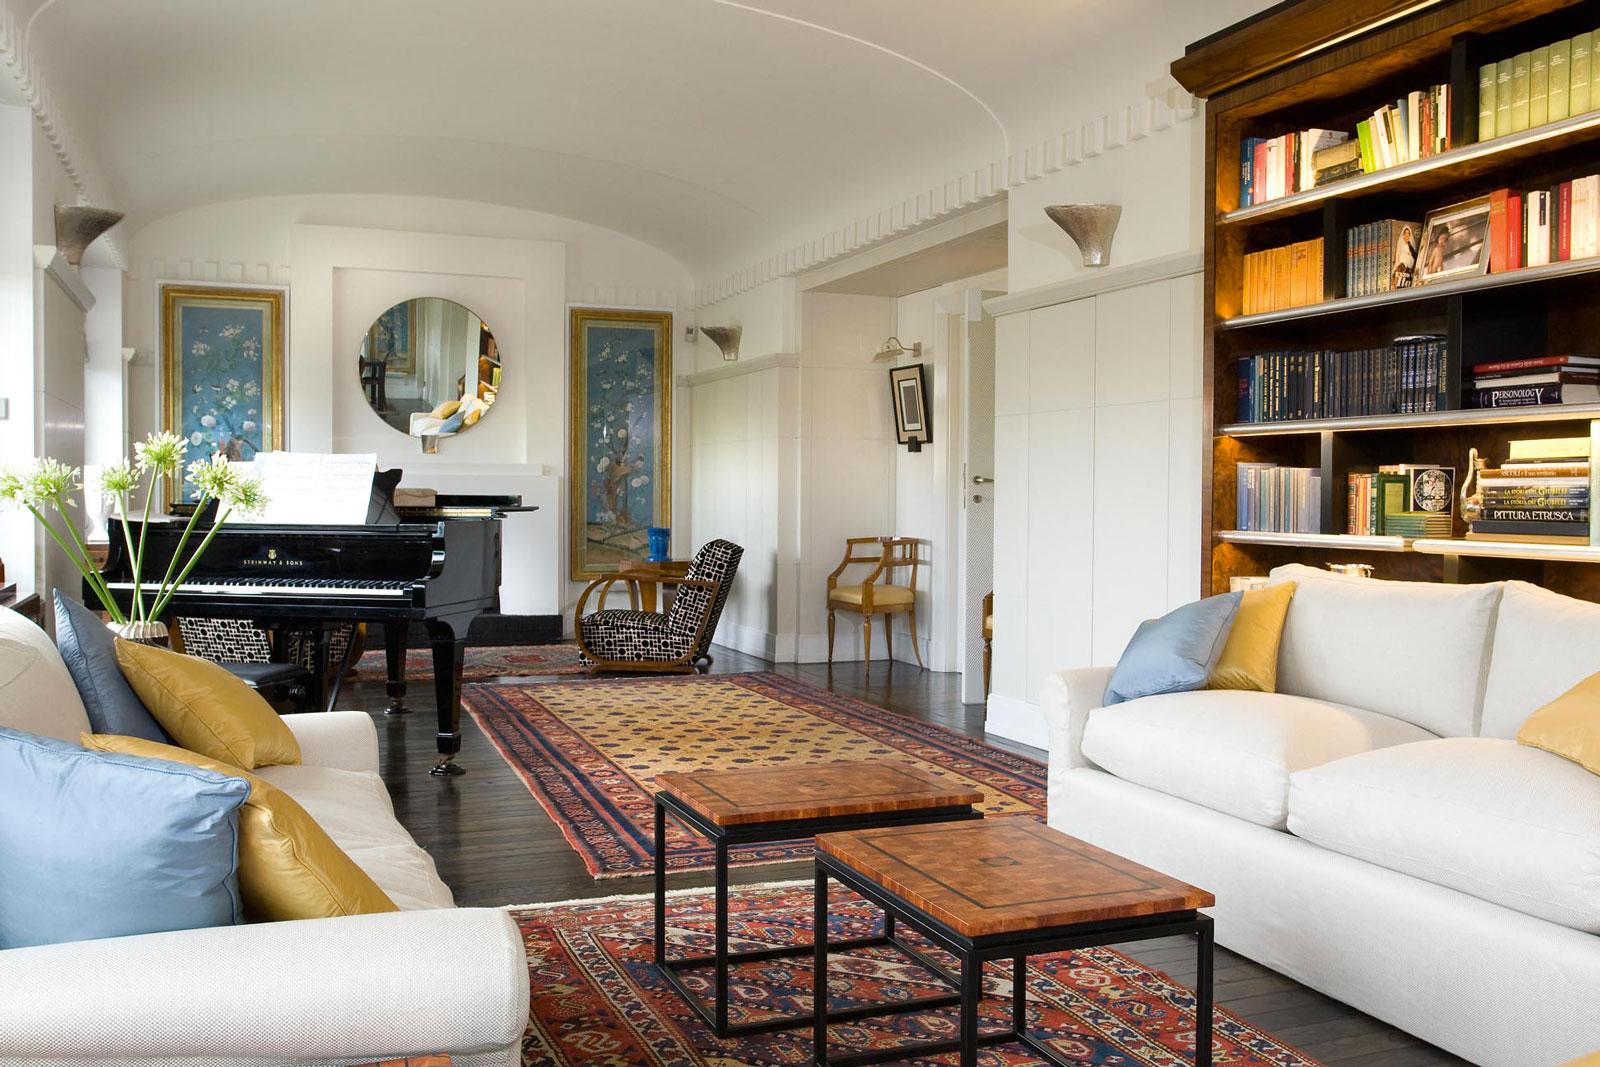 Come abbinare arredamento classico e moderno insieme for Foto case arredate moderne